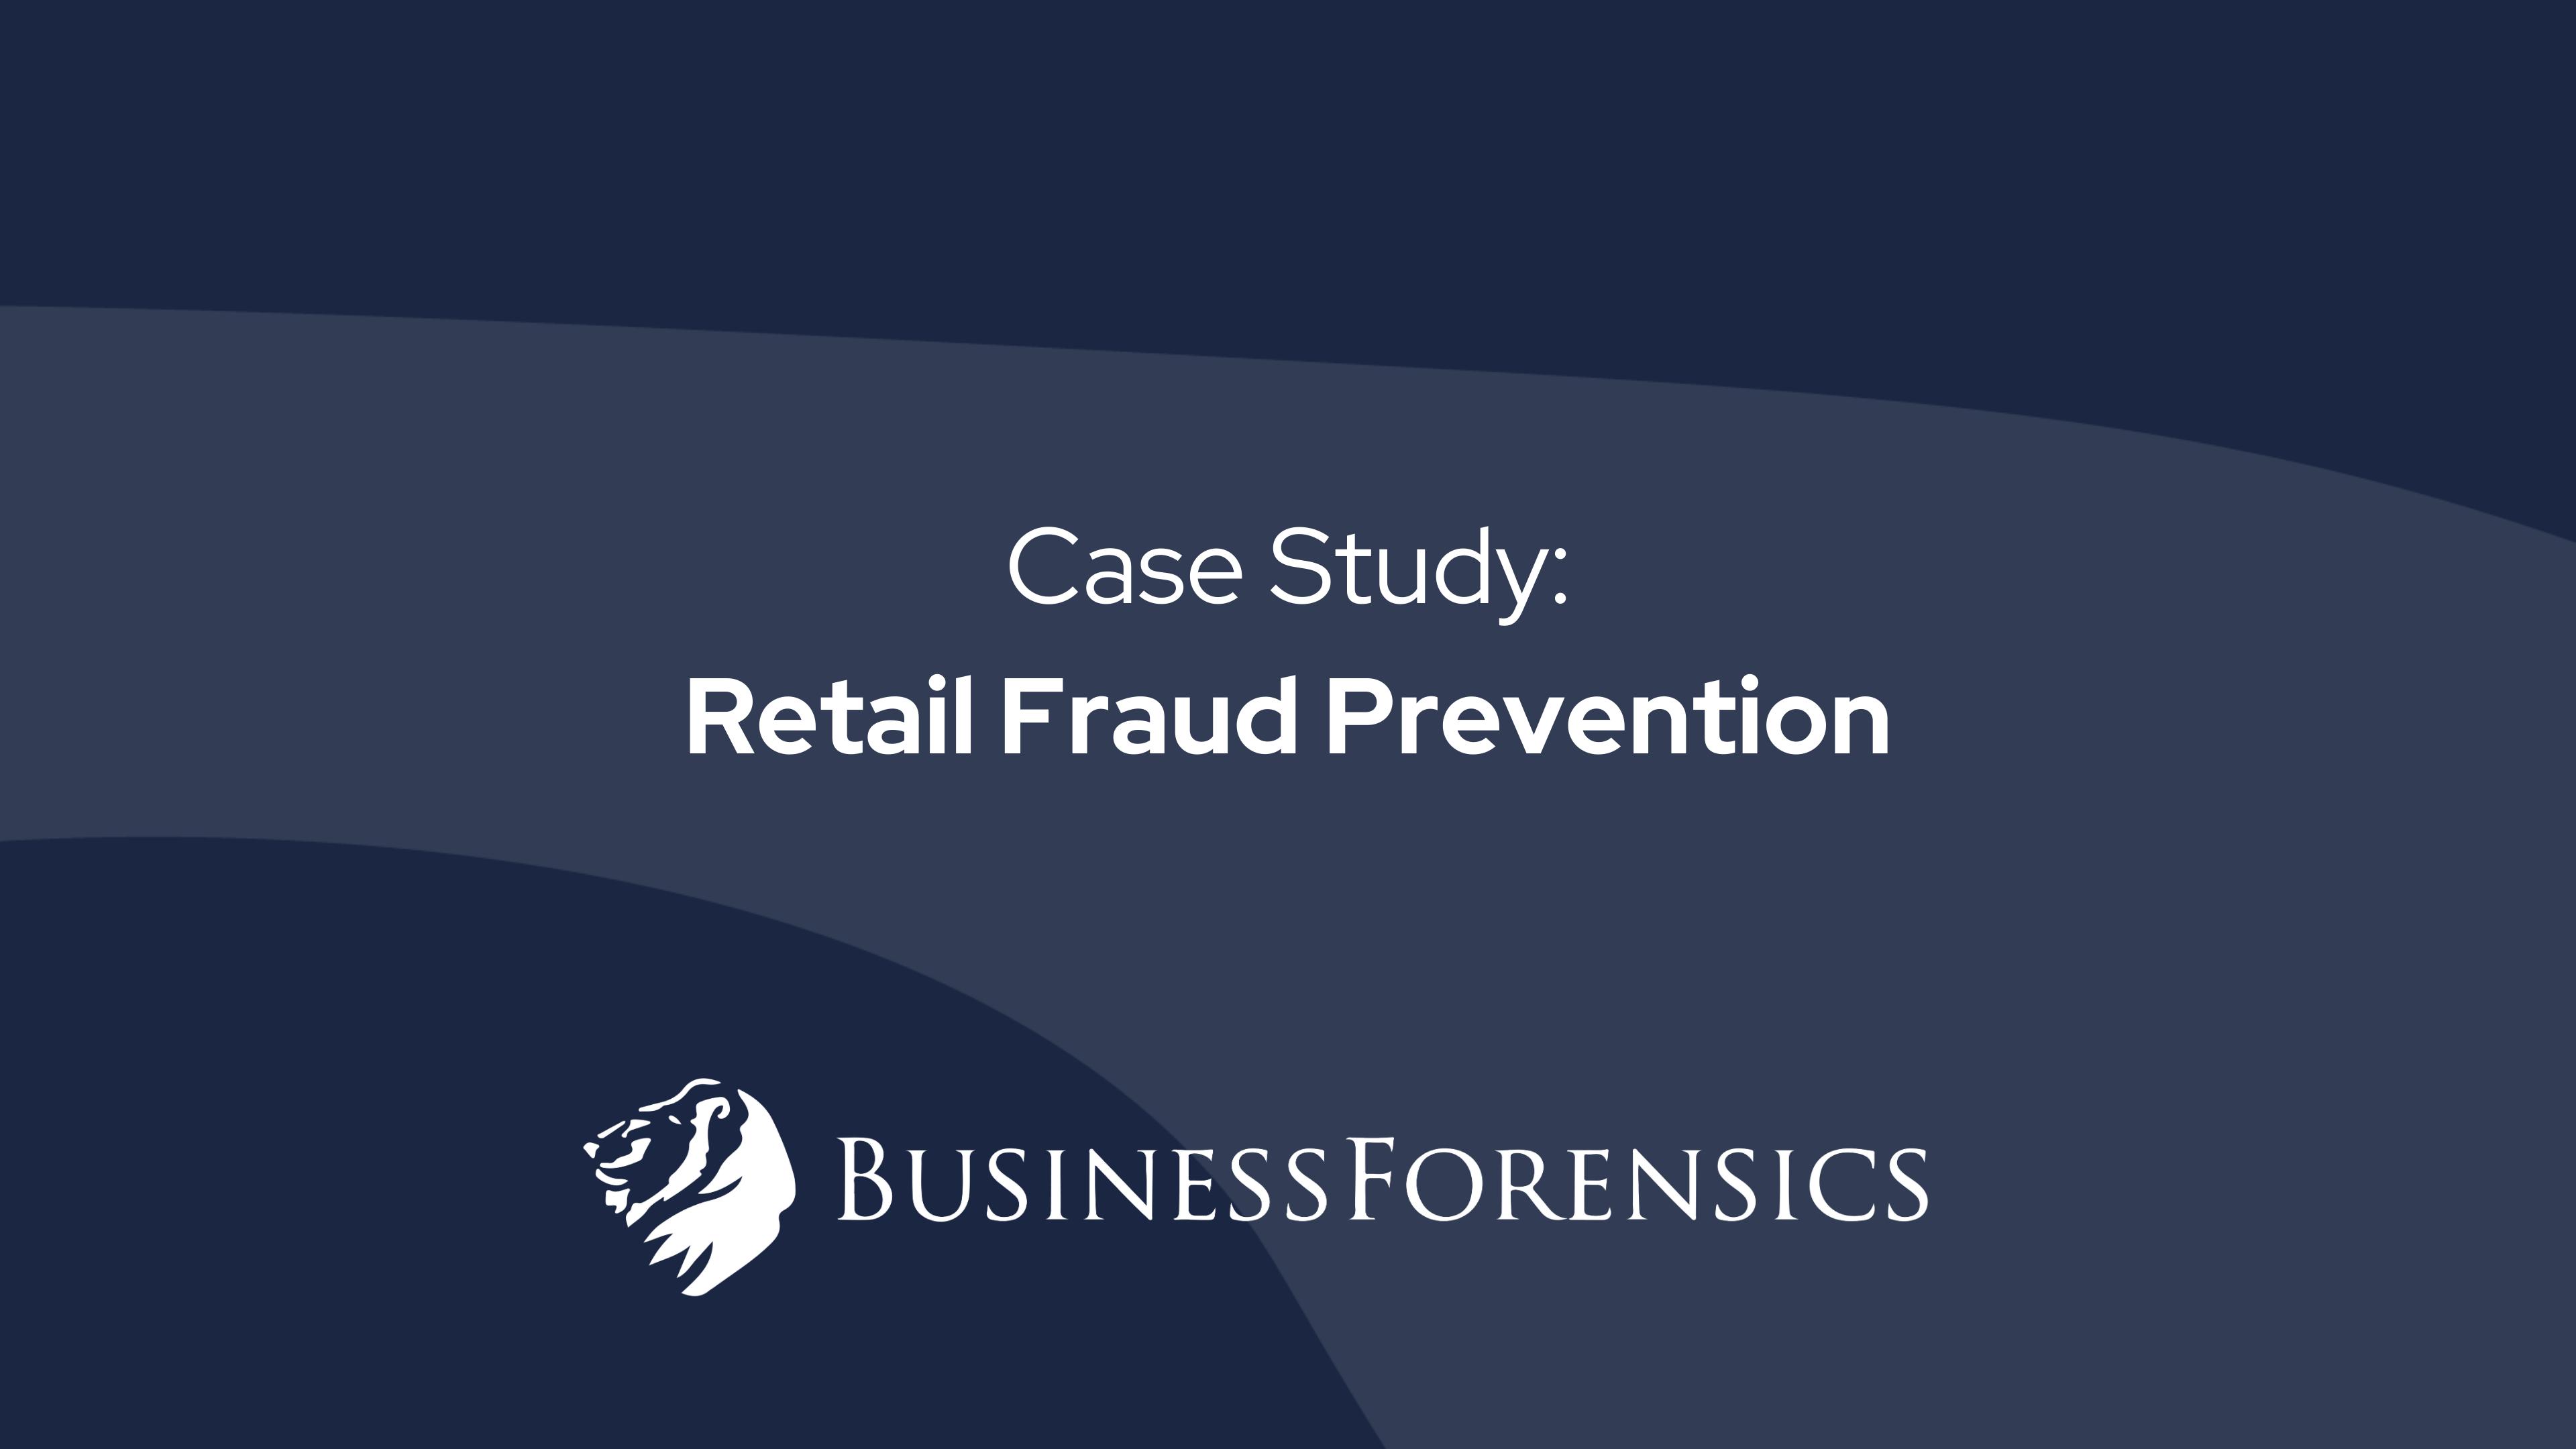 Einzelhandels-Betrugs-Fallstudie